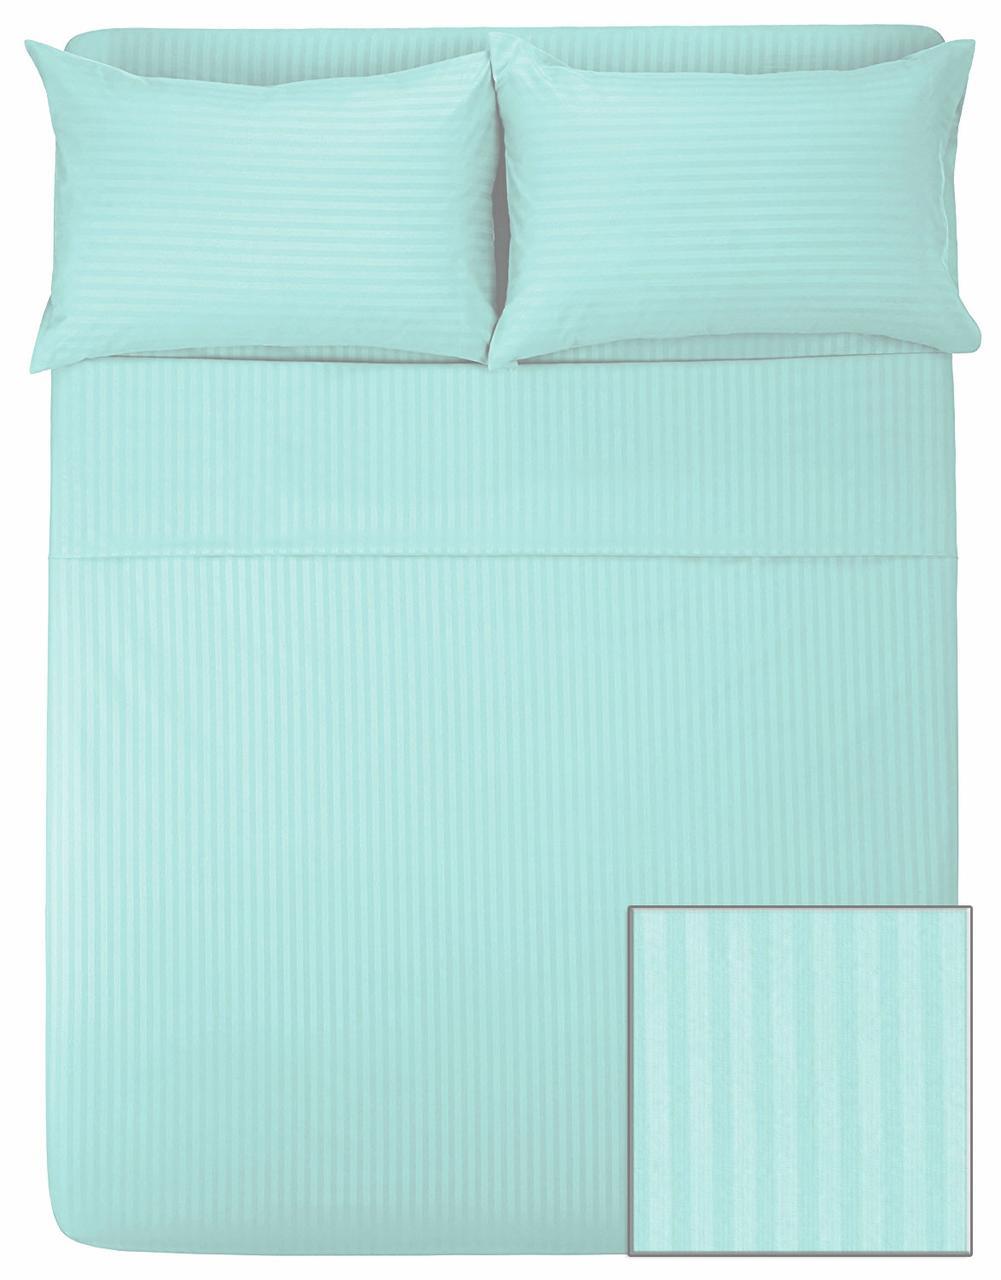 Комплект постельного белья САТИН-СТРАЙП (мята, 100% хлопок)